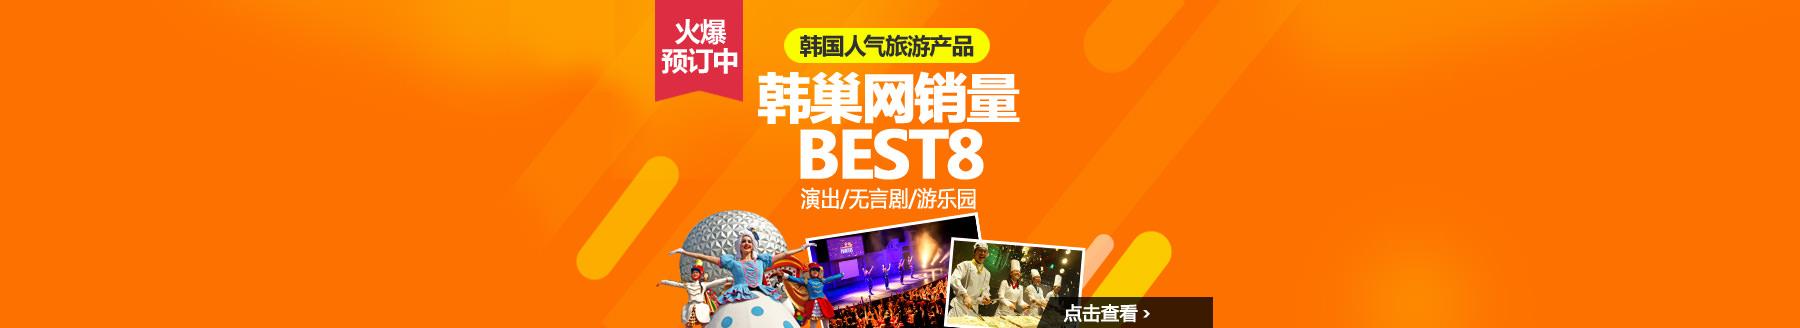 韩巢网人气旅游产品销量排行榜BEST 8